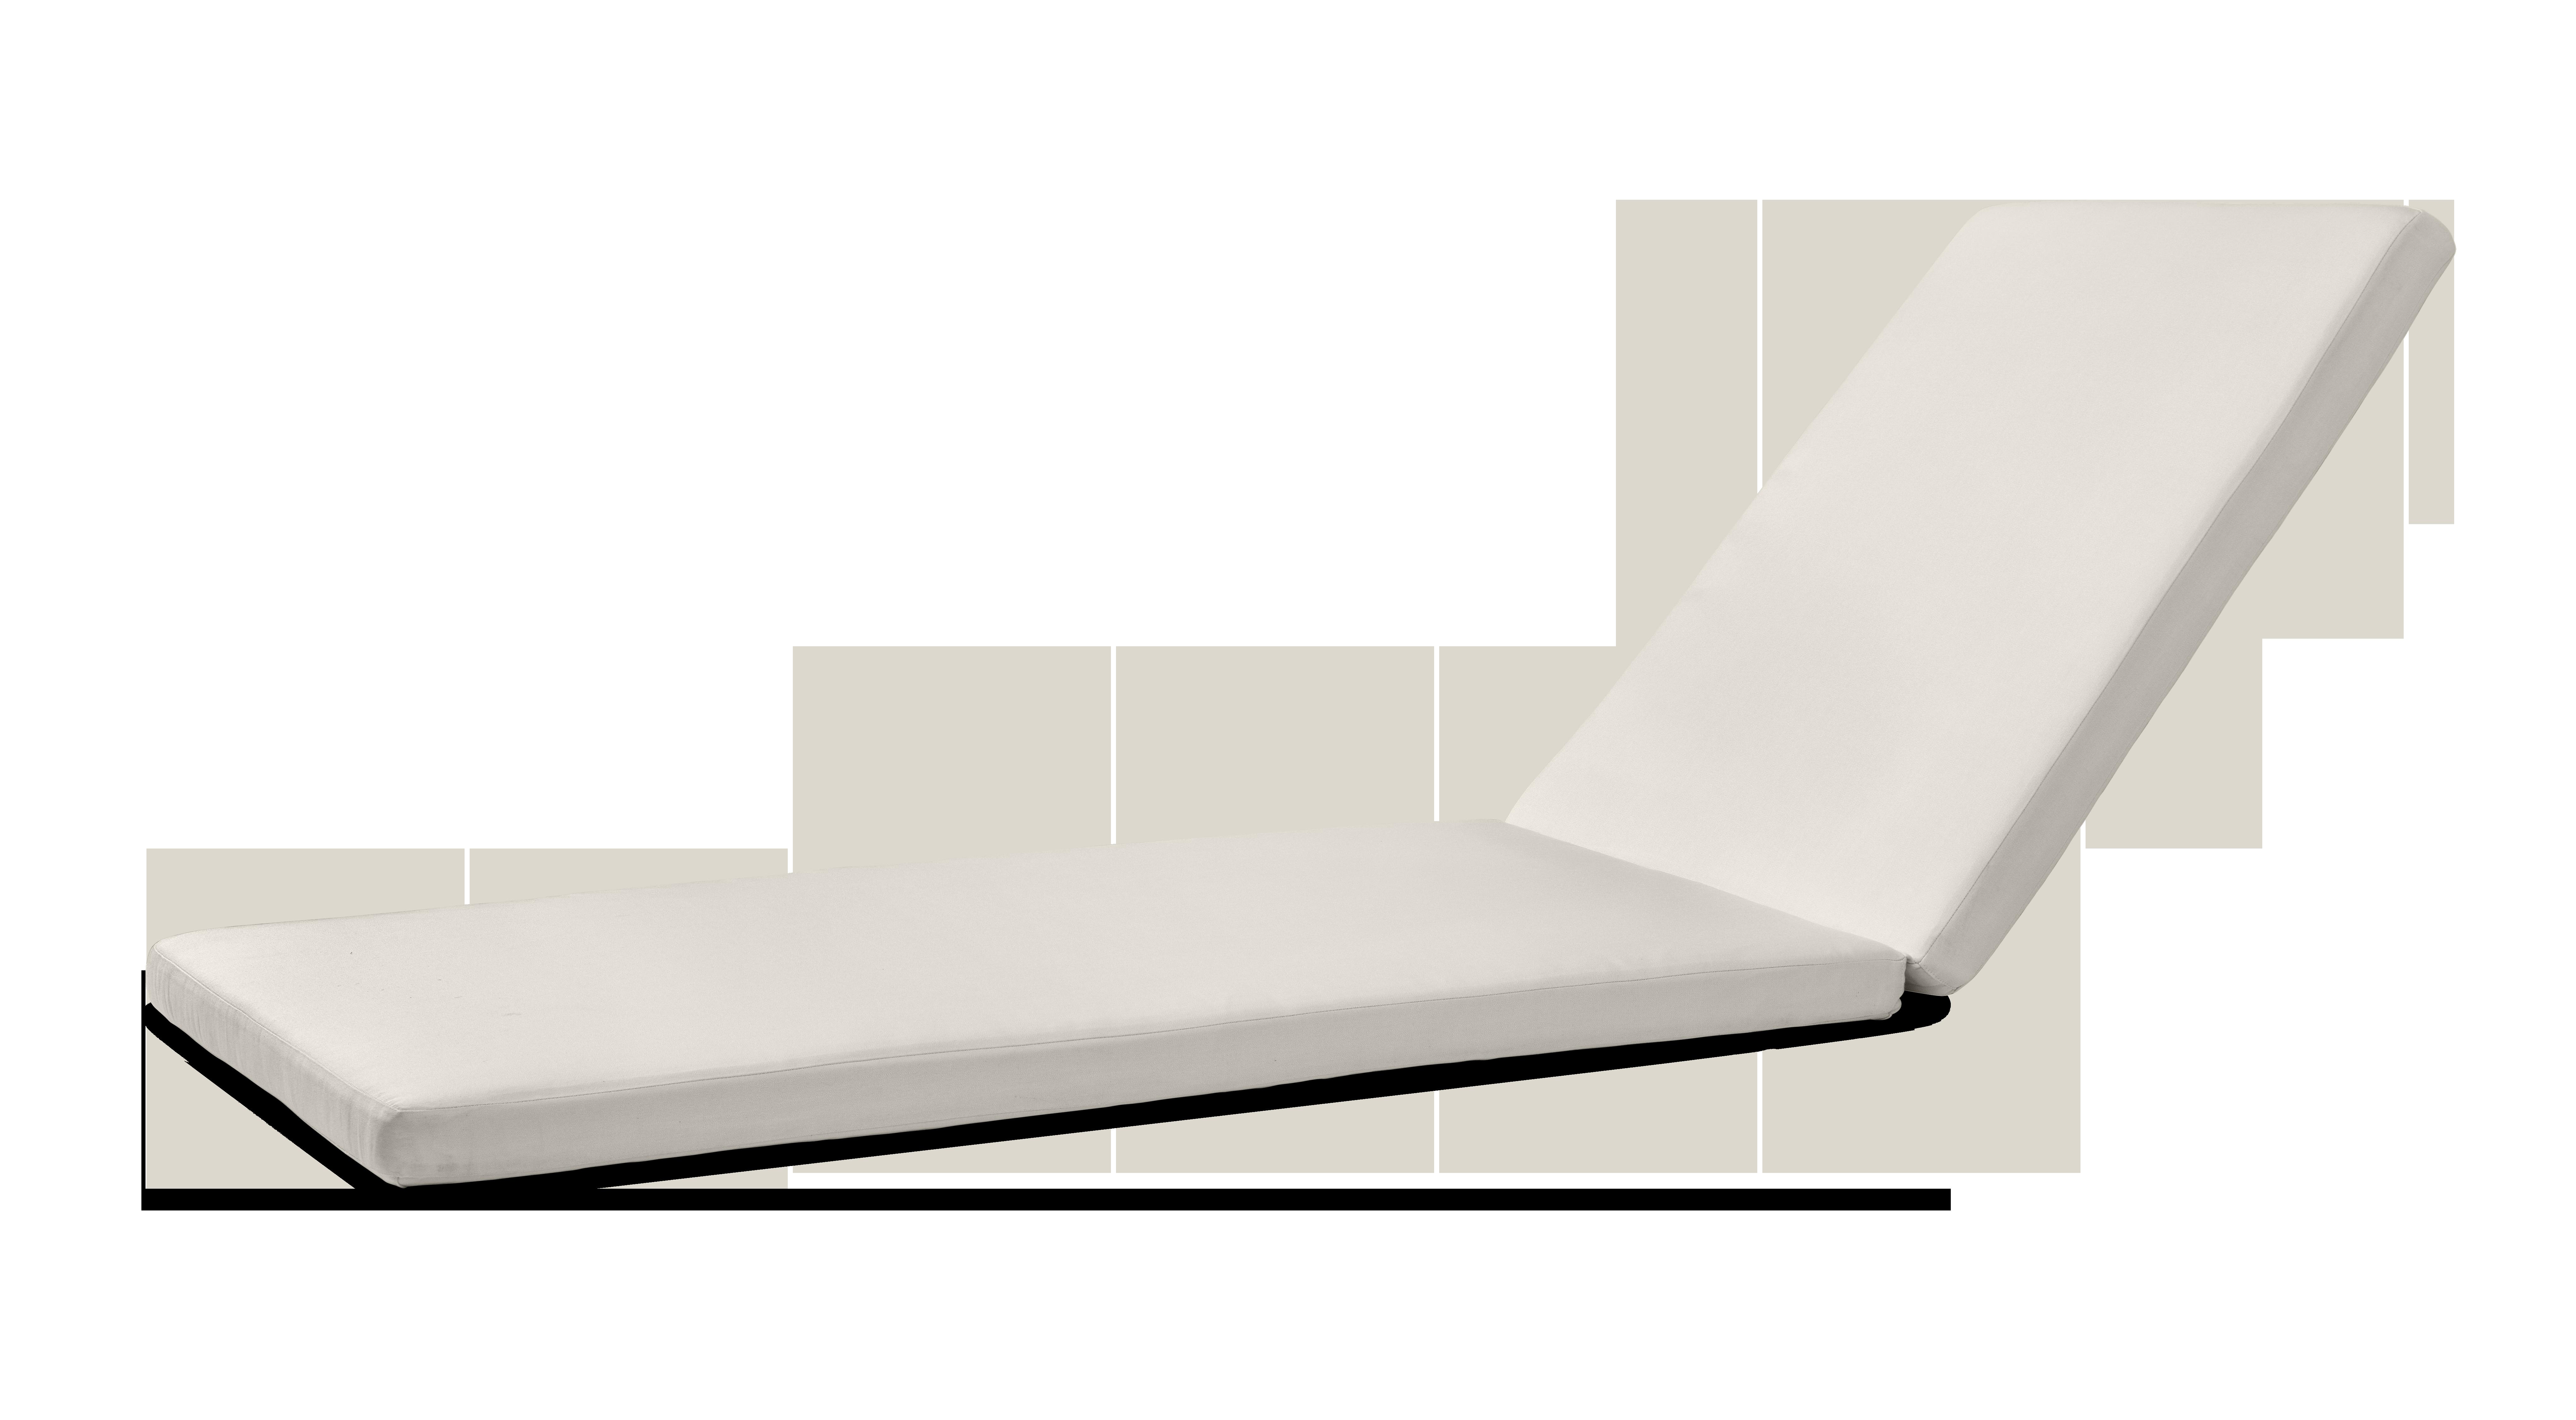 CU BK14